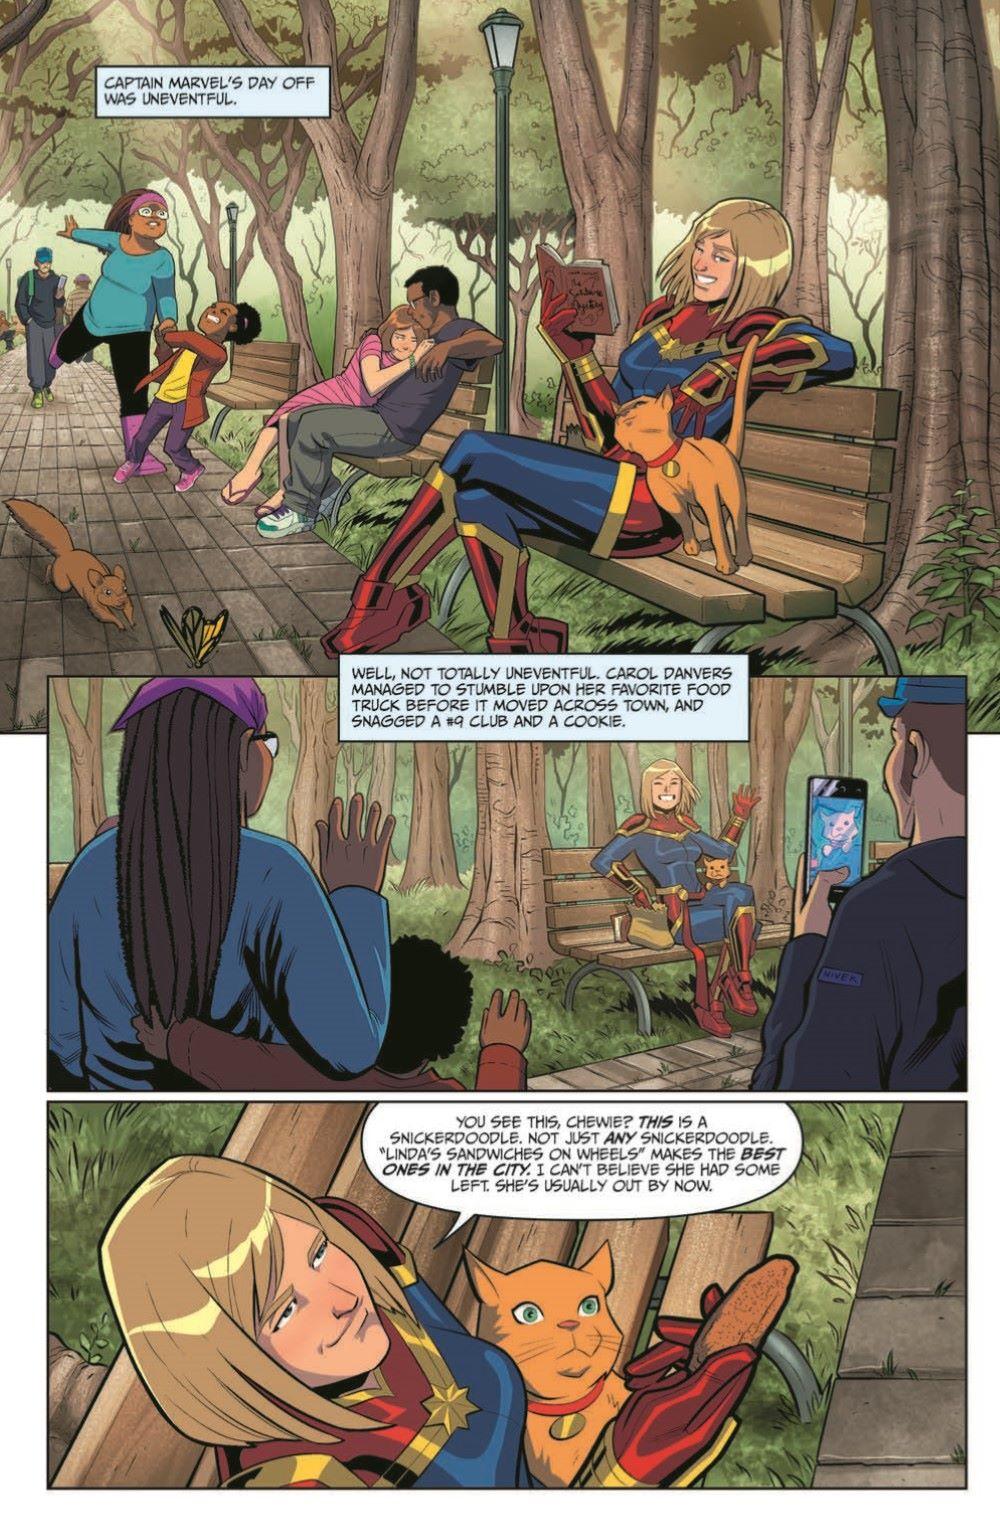 Marvel_Avengers_03_pr-3 ComicList Previews: MARVEL ACTION AVENGERS VOLUME 2 #3